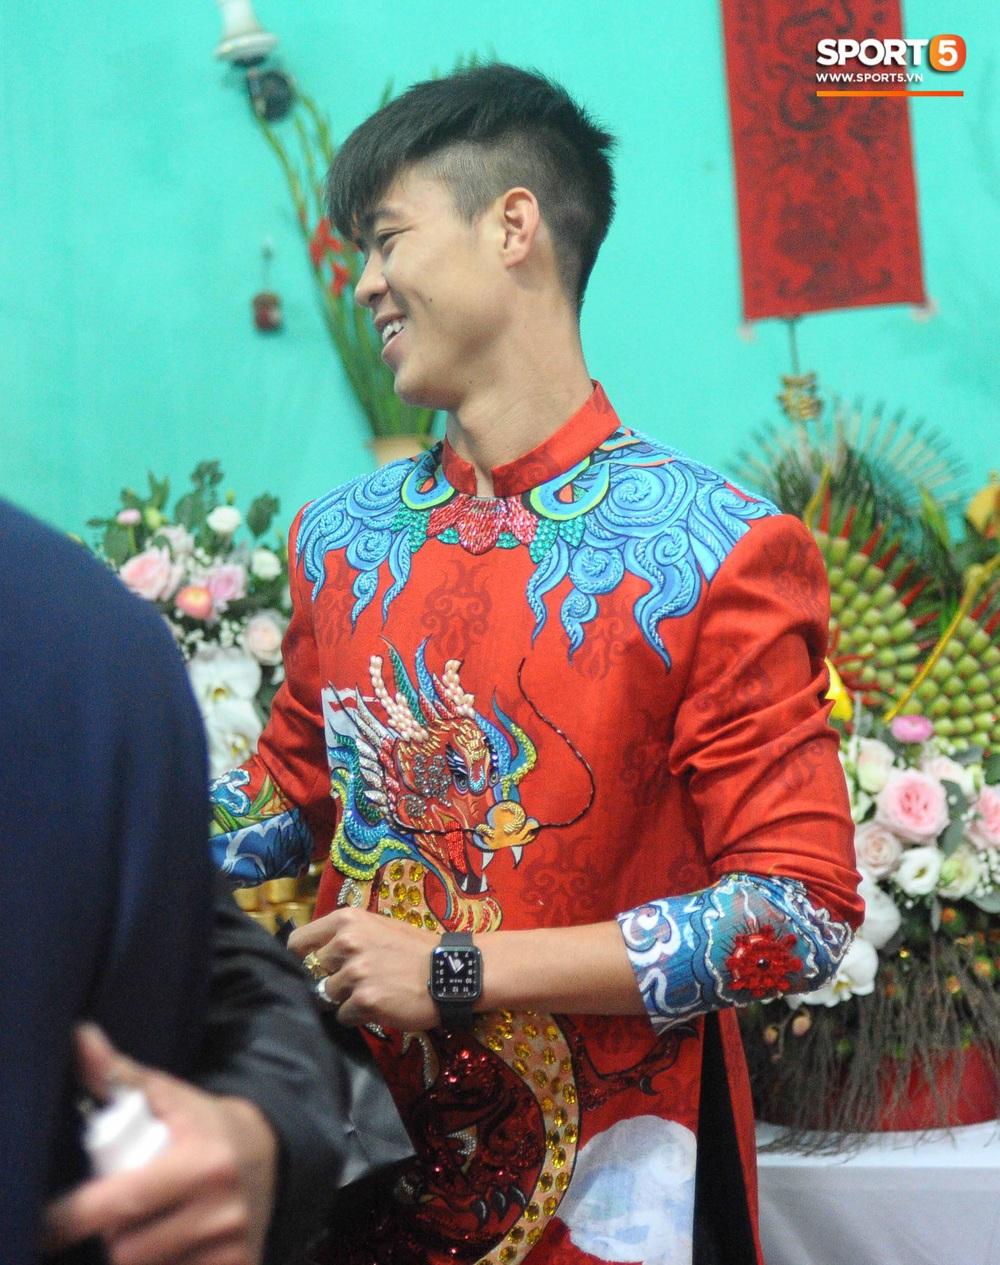 Đám hỏi Duy Mạnh - Quỳnh Anh: Cô dâu chú rể cảm ơn quan khách, kết thúc buổi lễ vất vả nhưng đầy hạnh phúc - Ảnh 41.